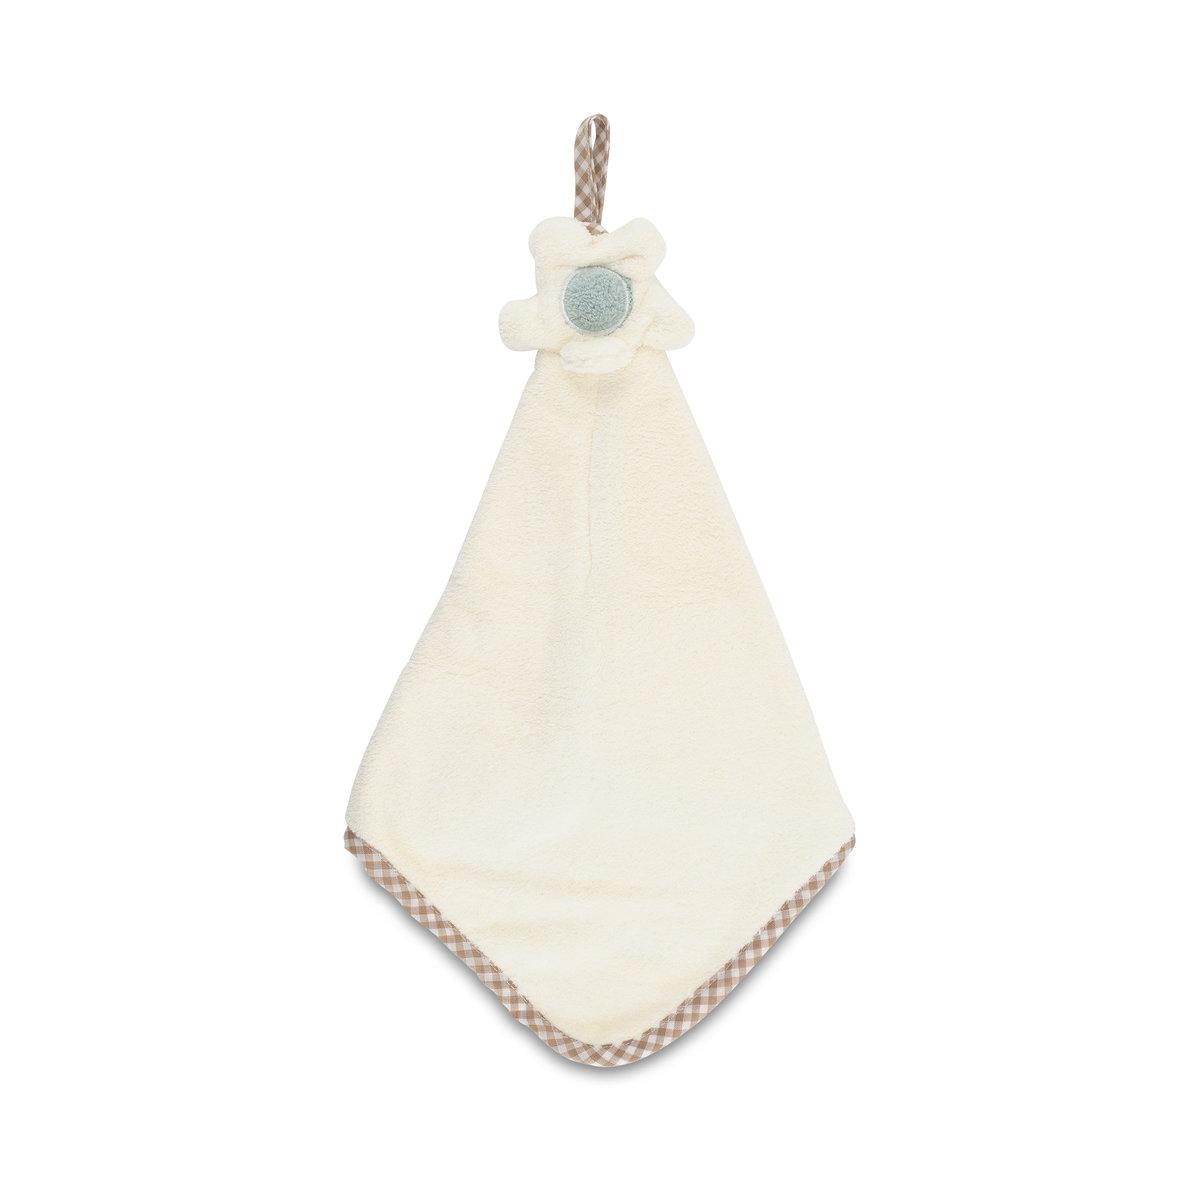 可掛式廚房抹手布(白色) - KT1S1830